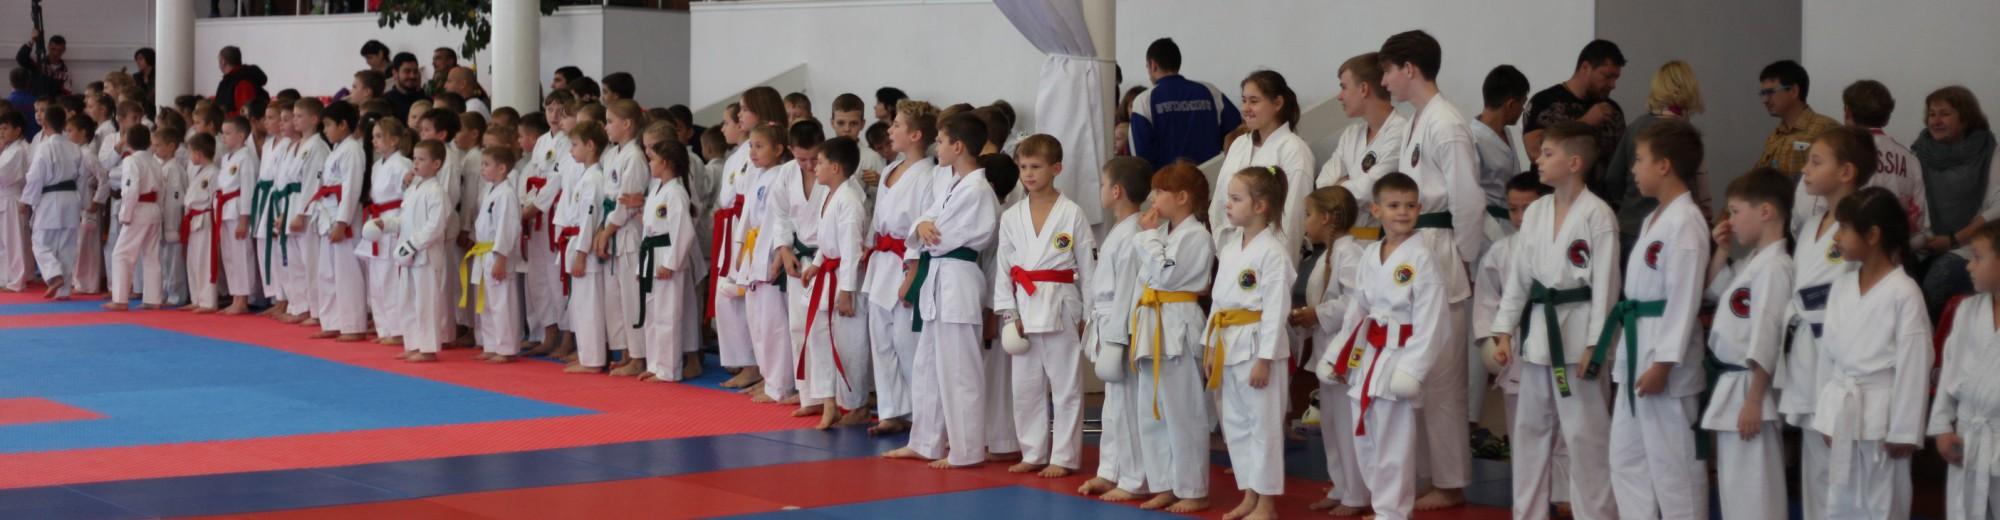 Поволжская Академия Боевых Искусств